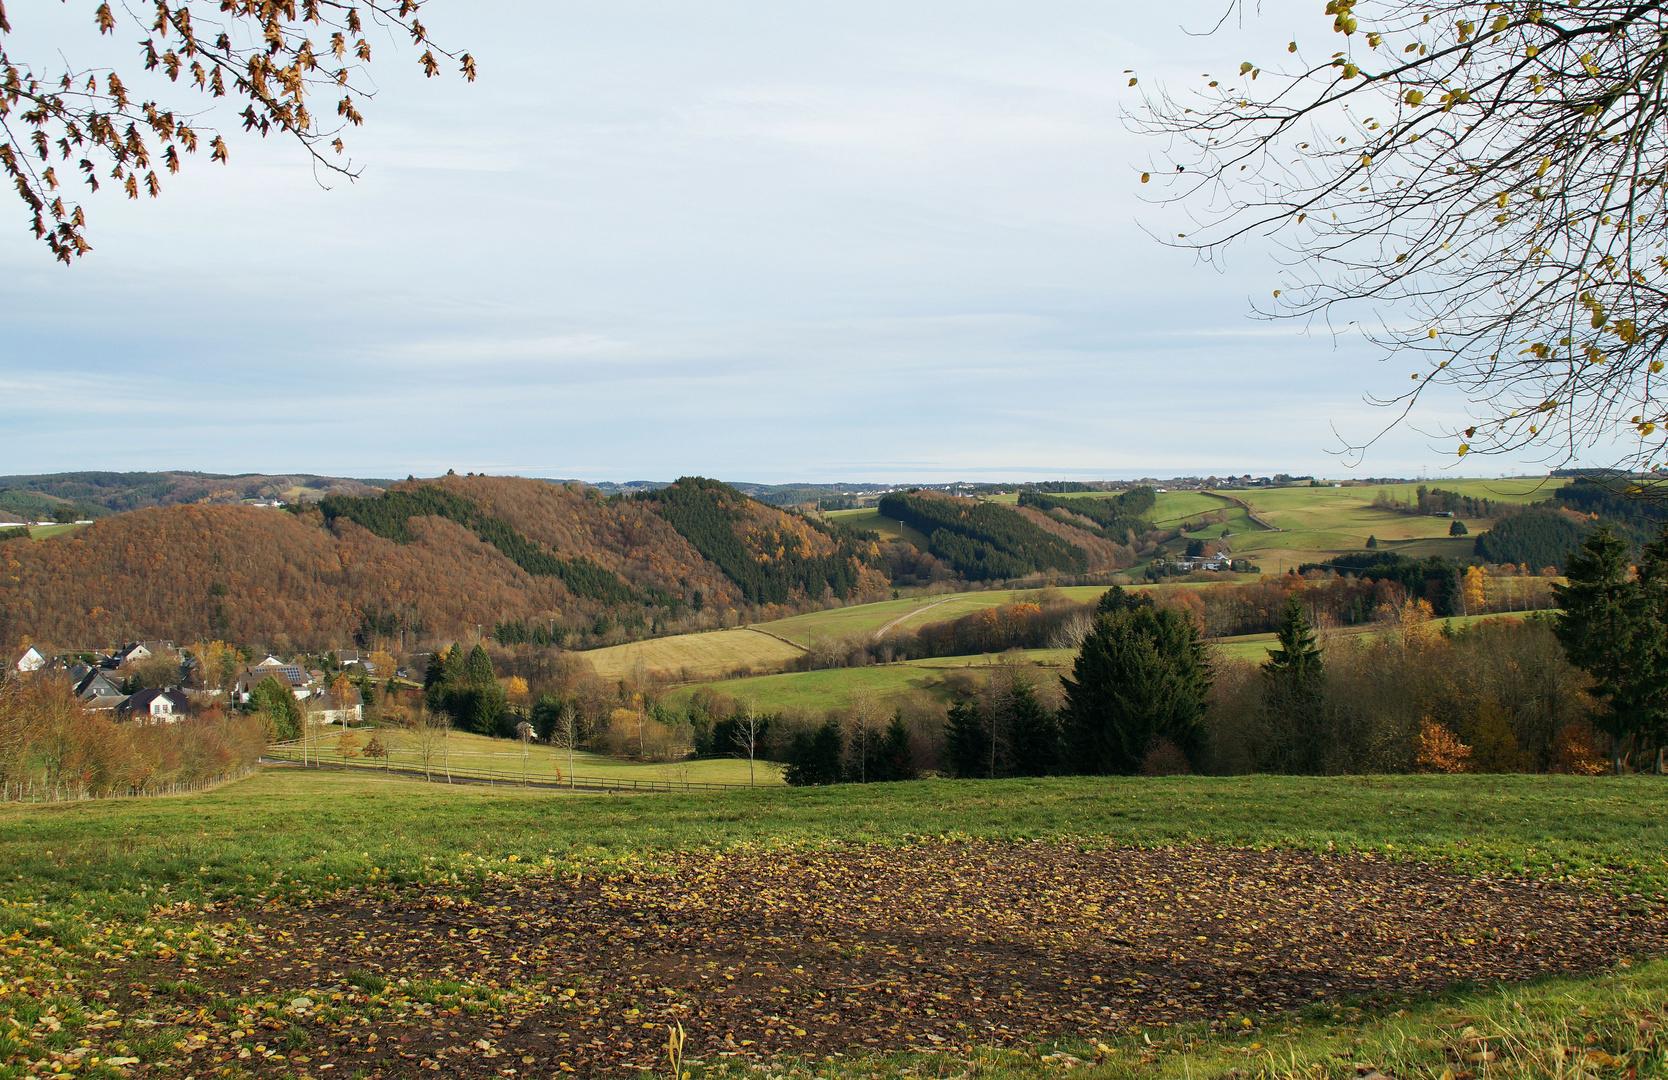 Felder und Wälder im Spätherbst